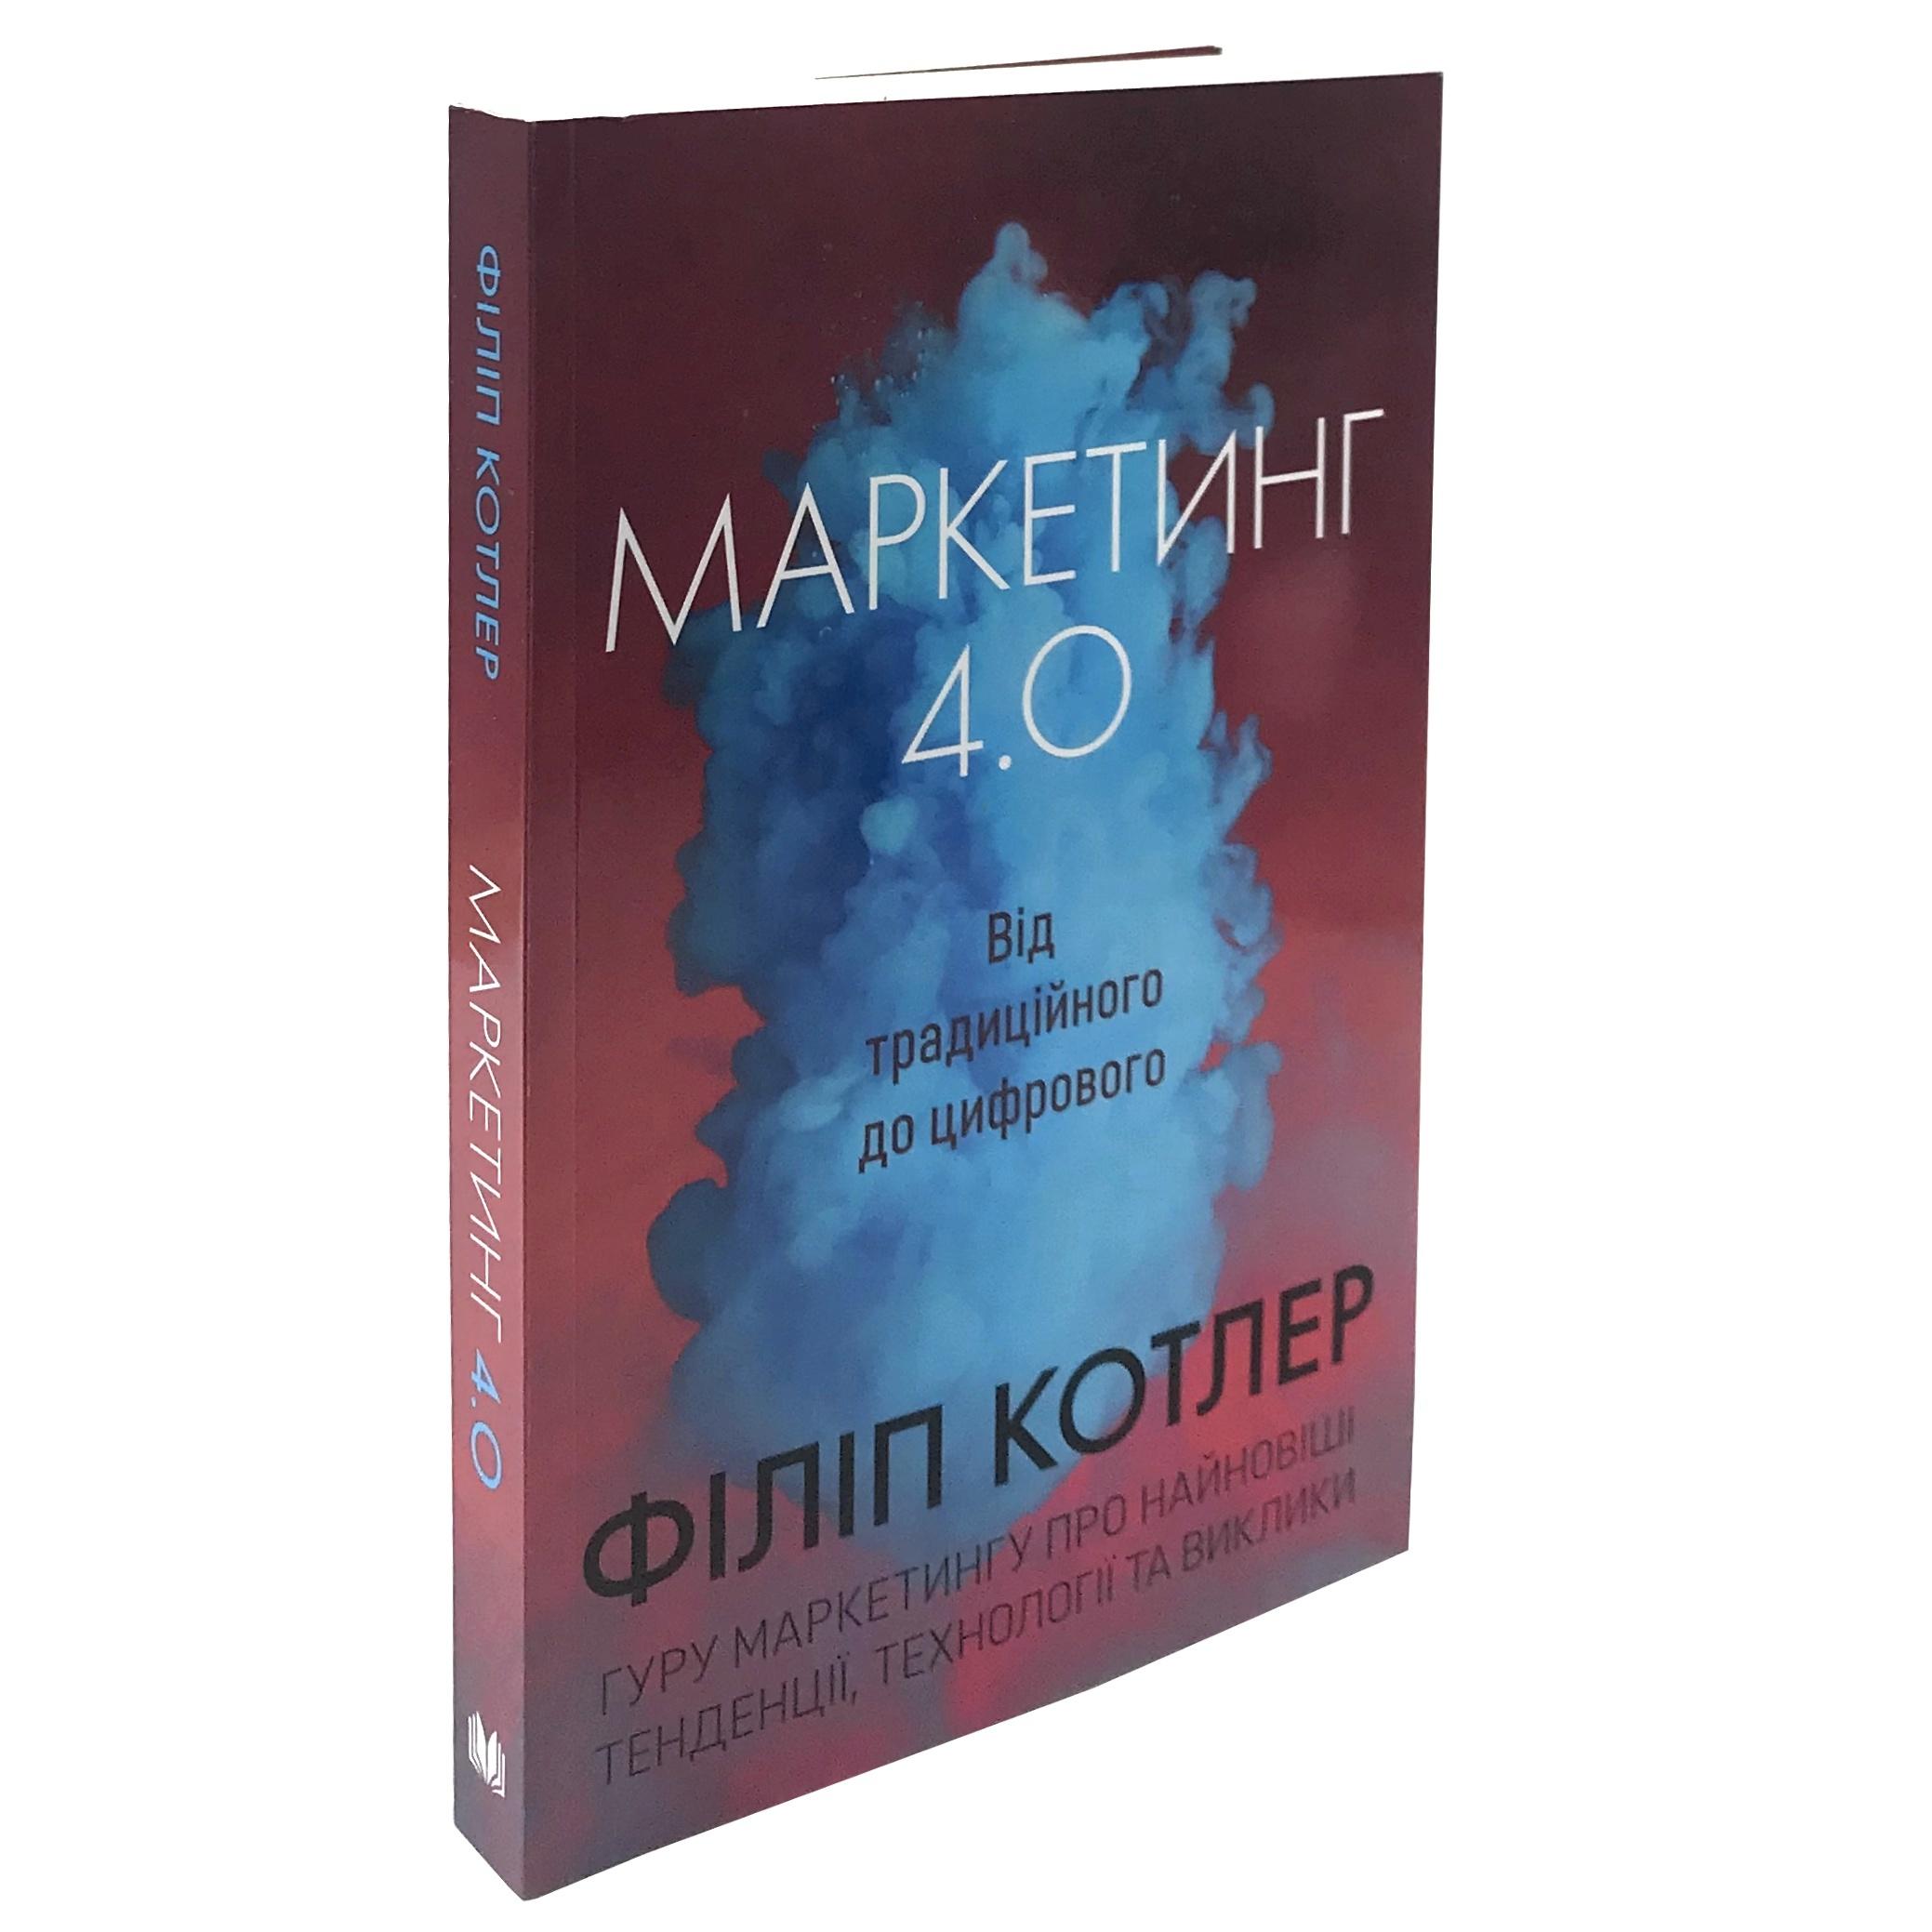 Маркетинг 4.0. Від традиційного до цифрового. Автор — Філіп Котлер, Гермаван Катарджая, Їван Сетьяван.